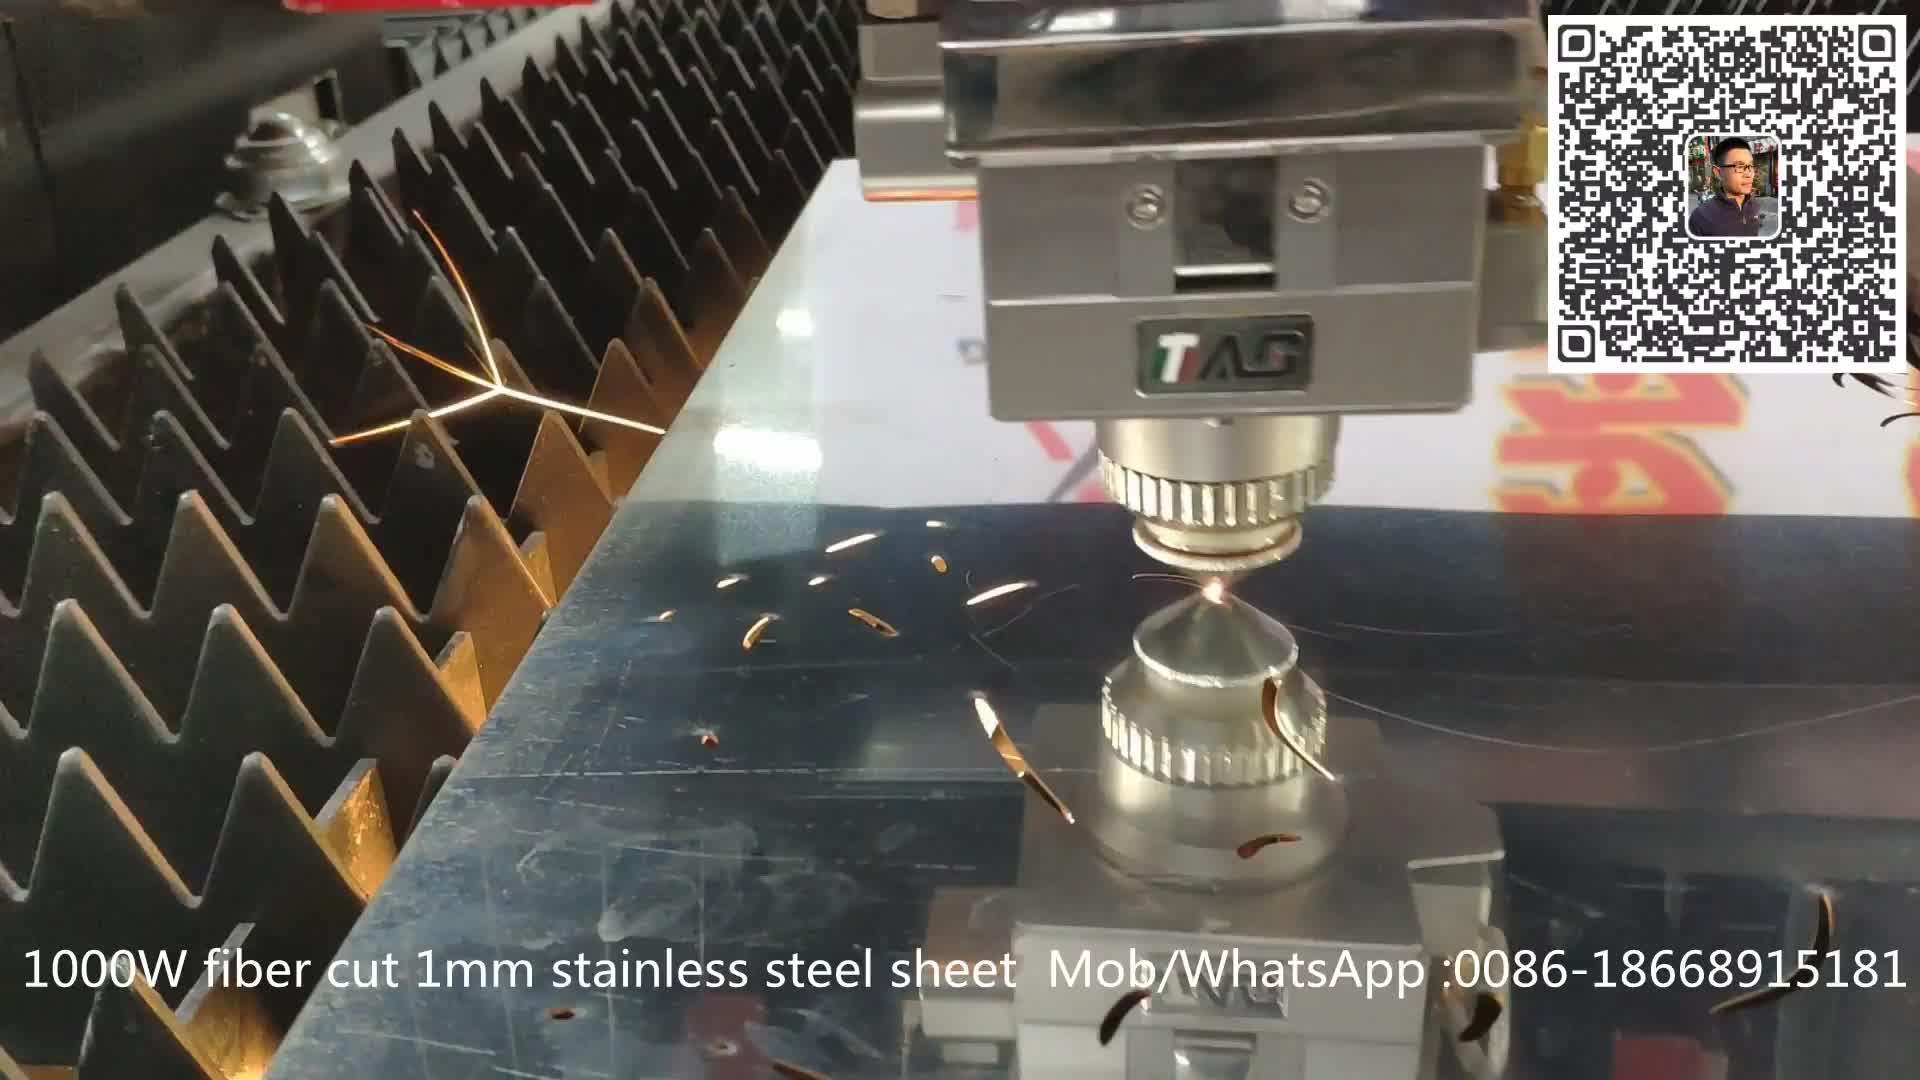 Prezzo di fabbrica tavolo doppio in fibra laser macchina di taglio in metallo